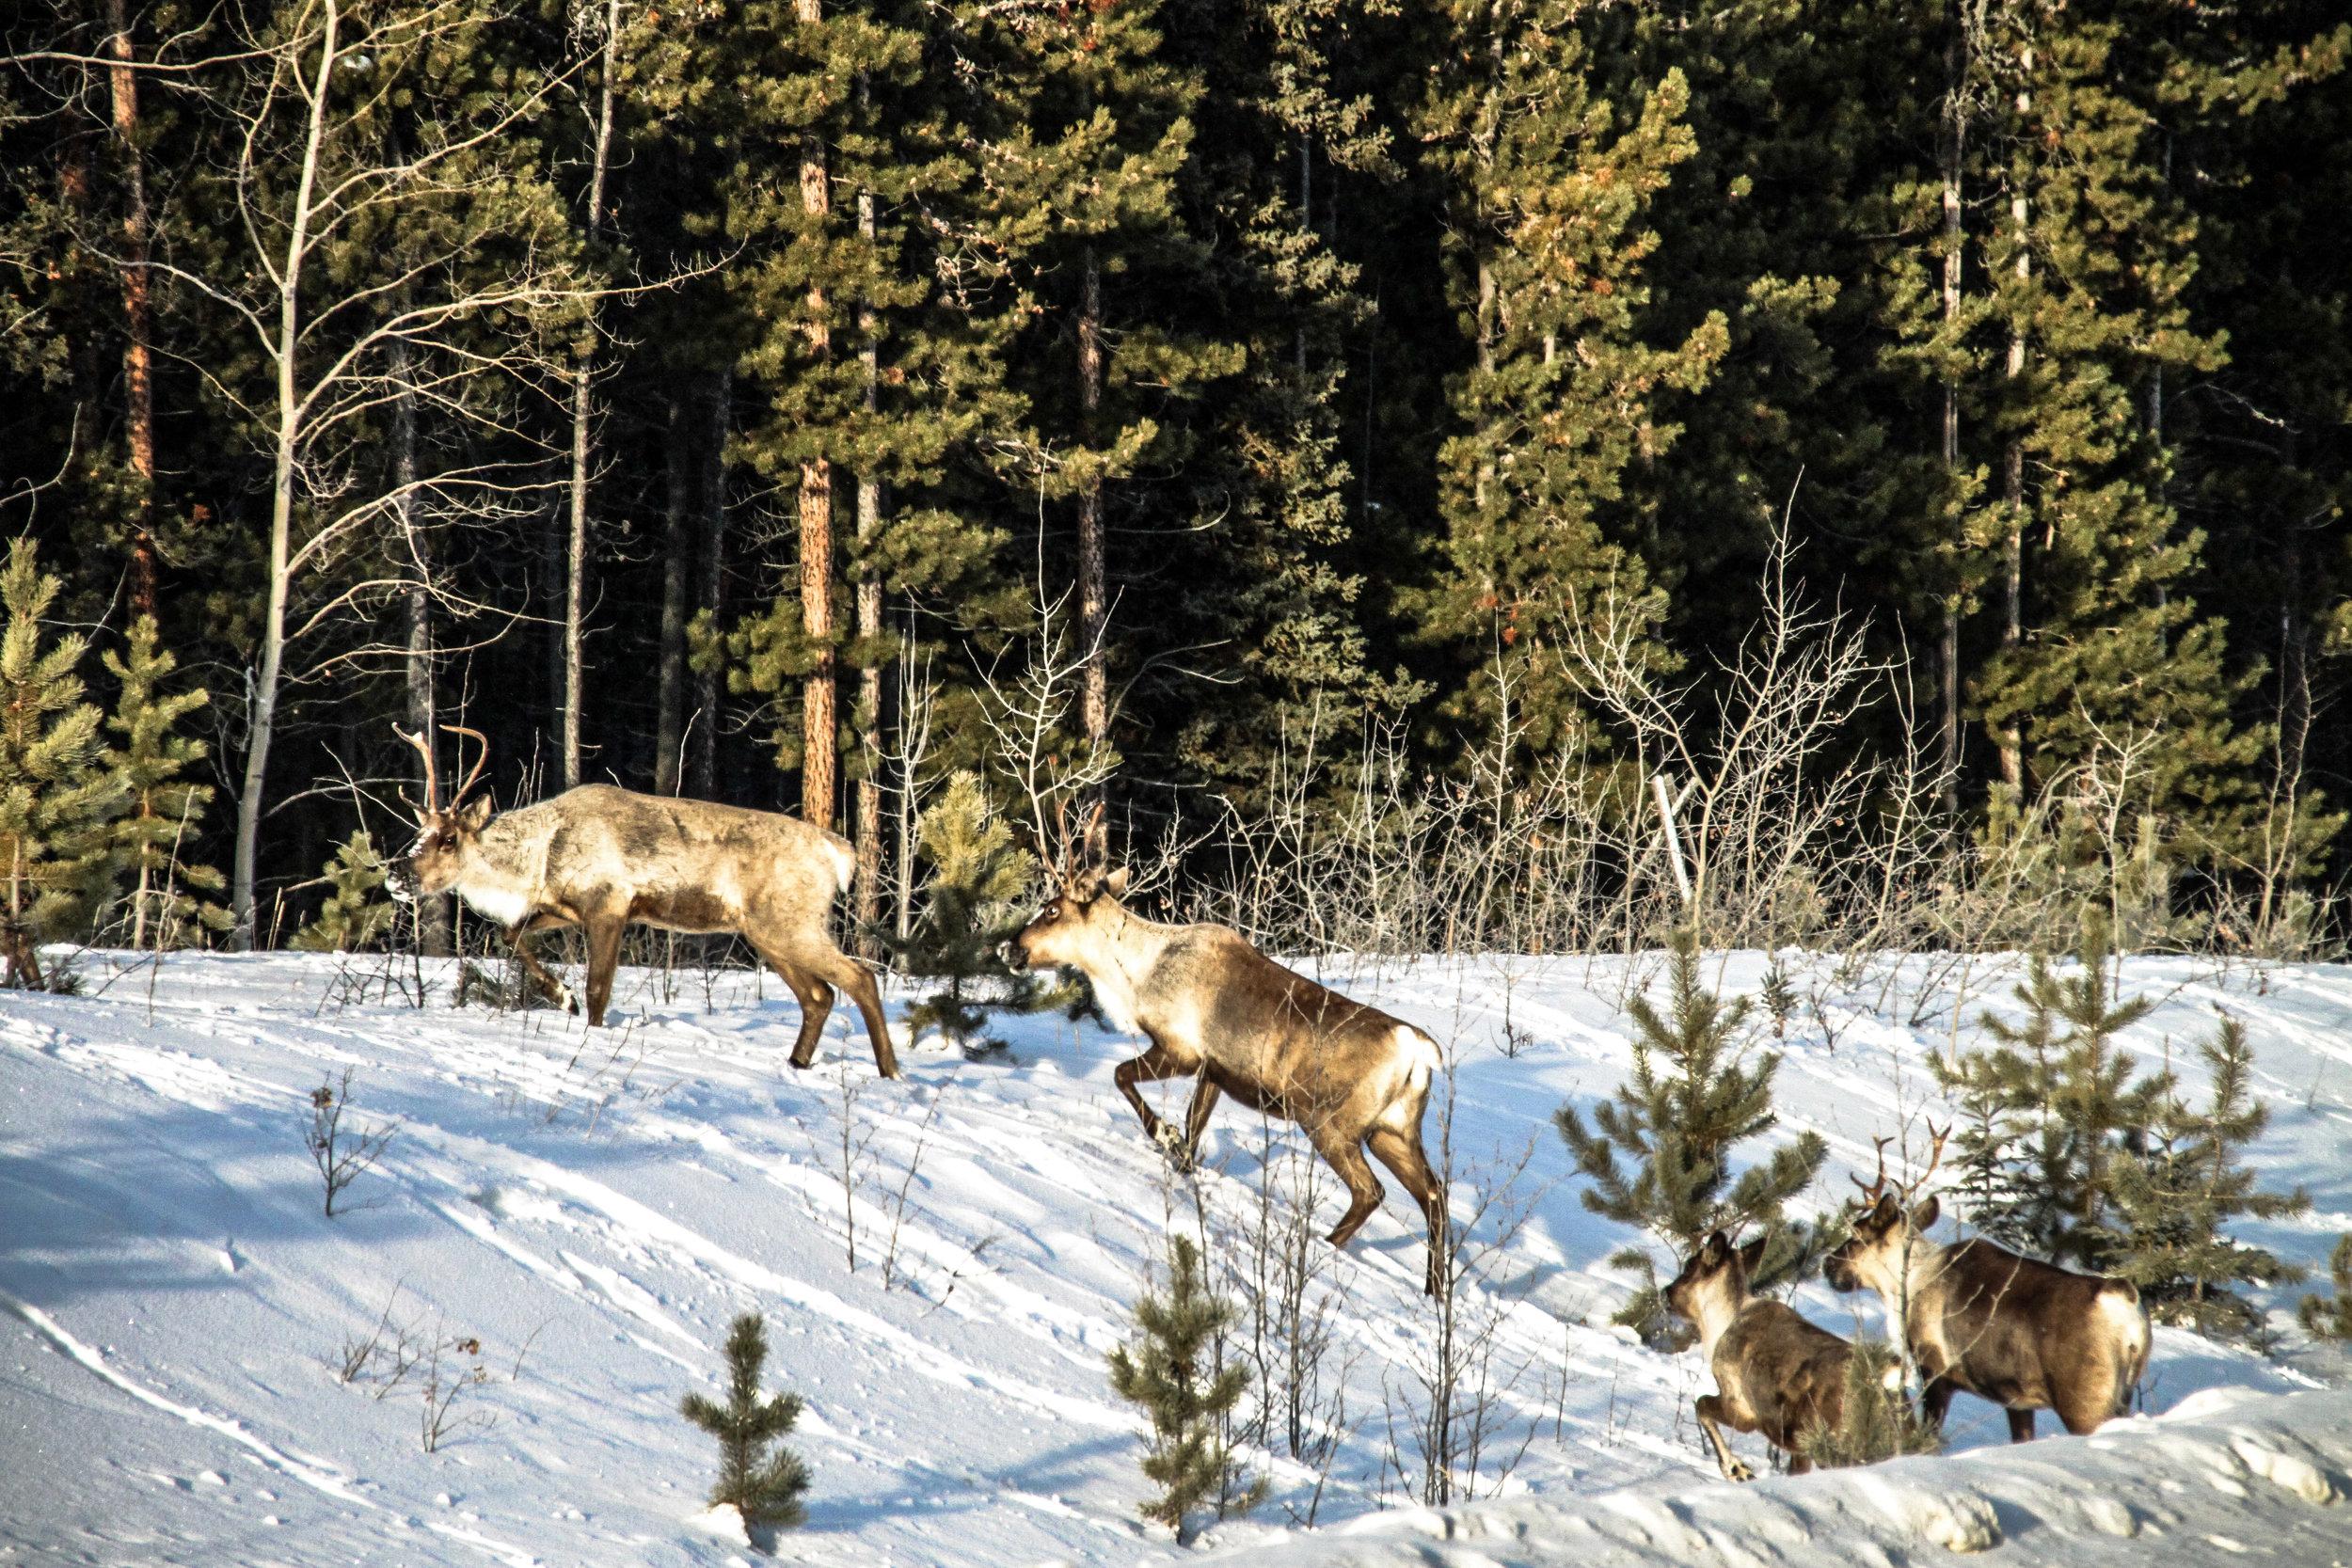 Cariboo herd